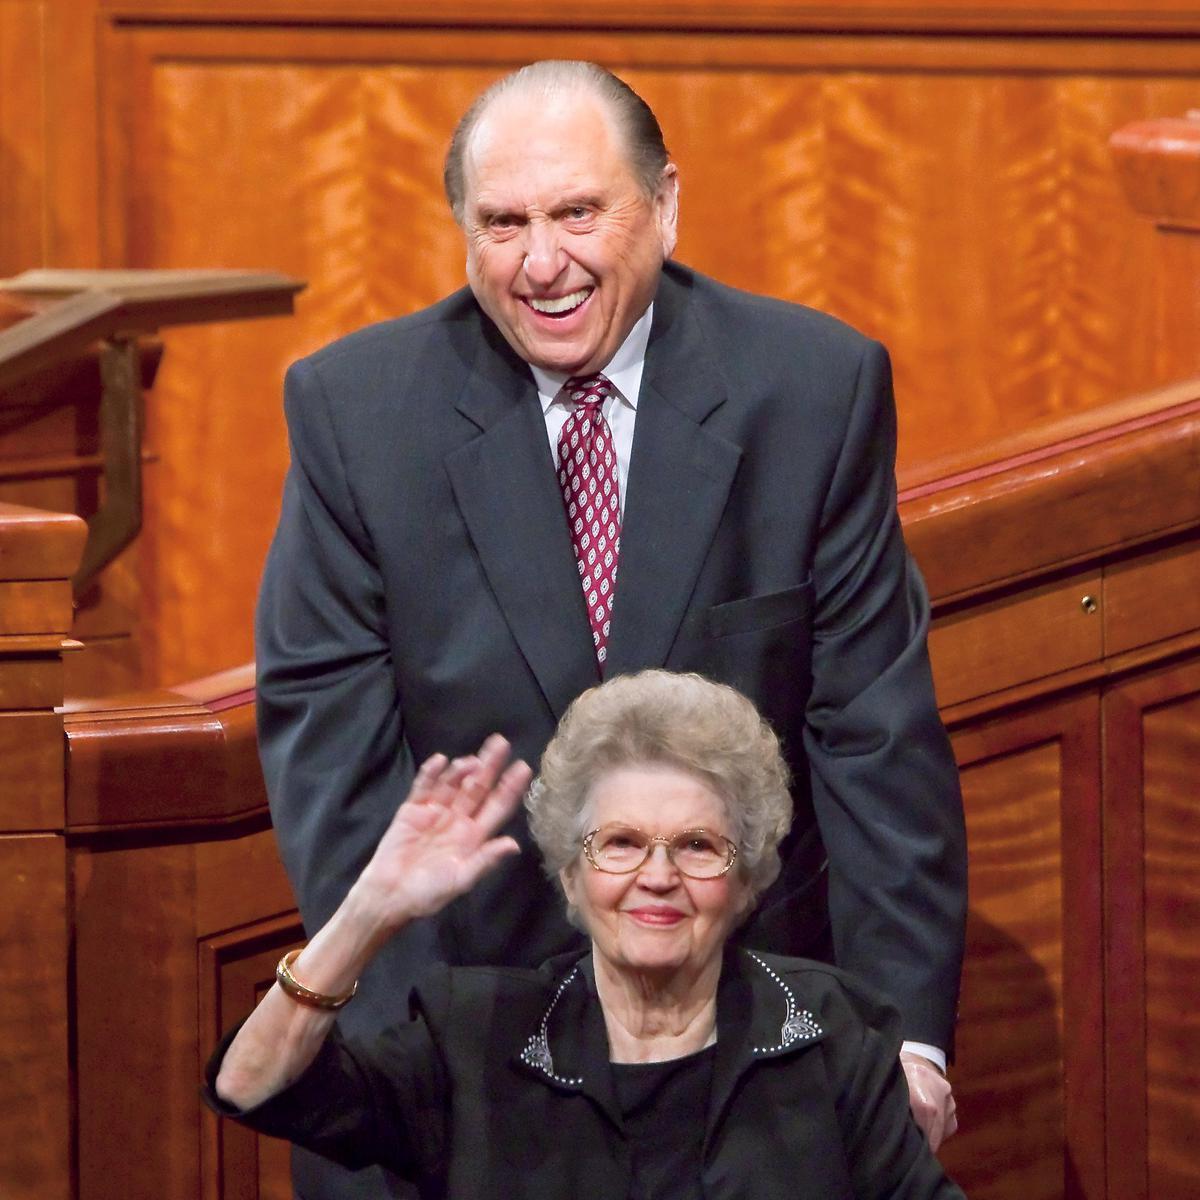 Ерөнхийлөгч Томас С.Монсон Францис Монсон эгчтэй бараг 65 жил, түүнийг 2013 онд насан өөд болох хүртэл хамтрагчдын хувиар хамтдаа аялж, үйлчилж байв.